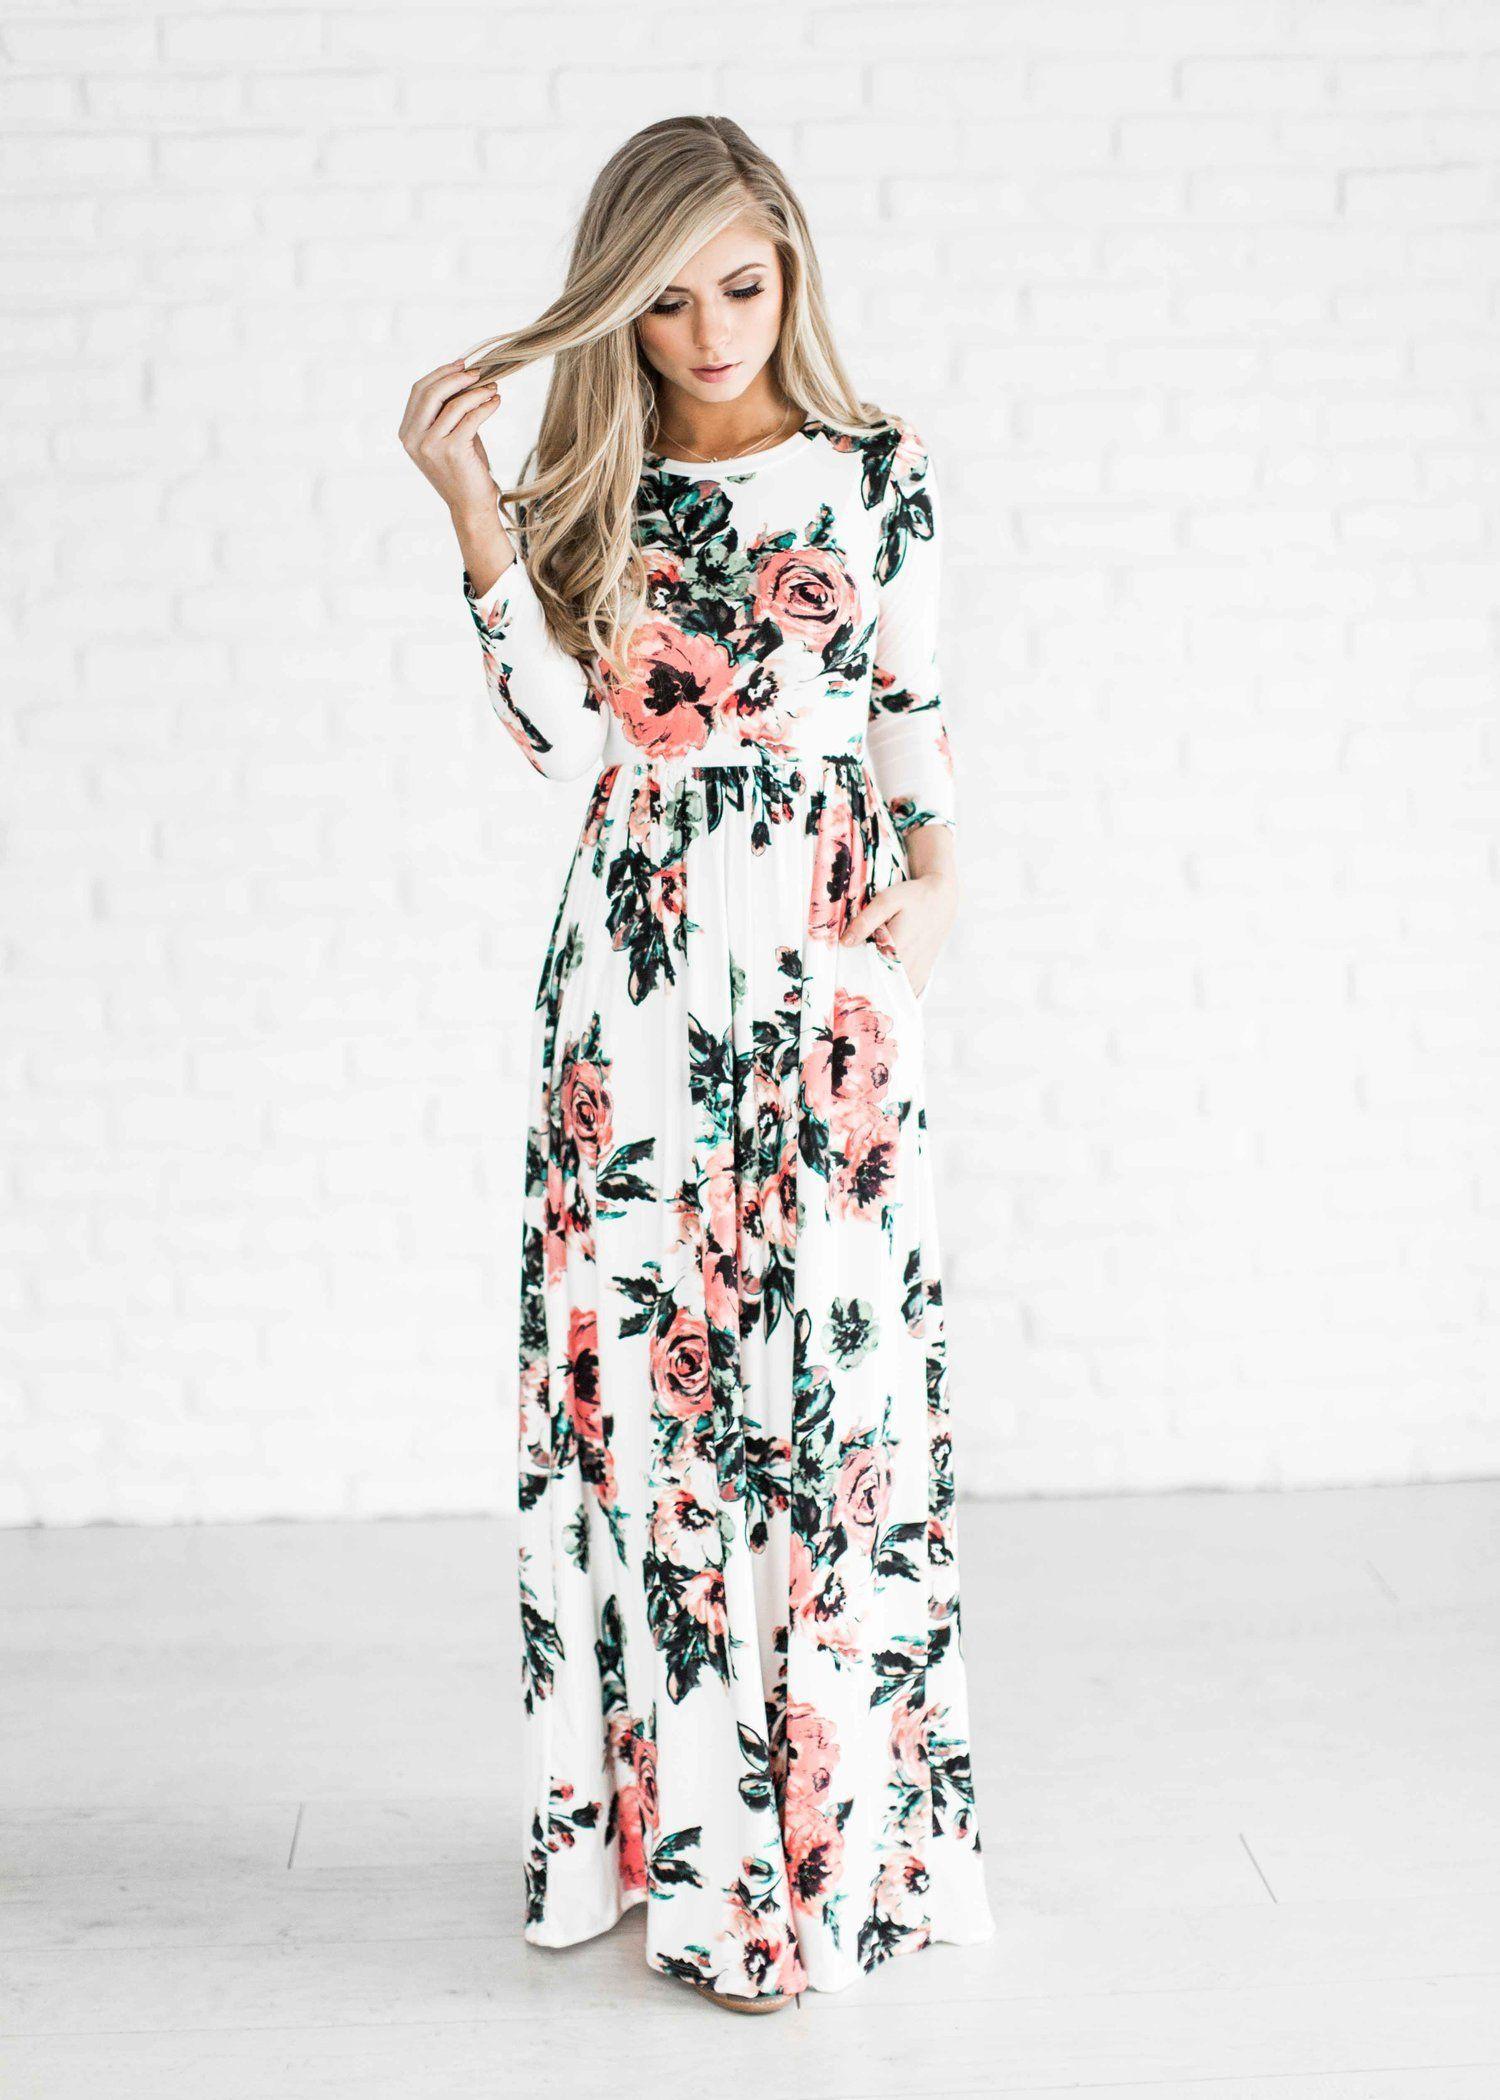 78b893c784 Long Maxi Dresses: Shop Long Maxi Dresses - Macy's